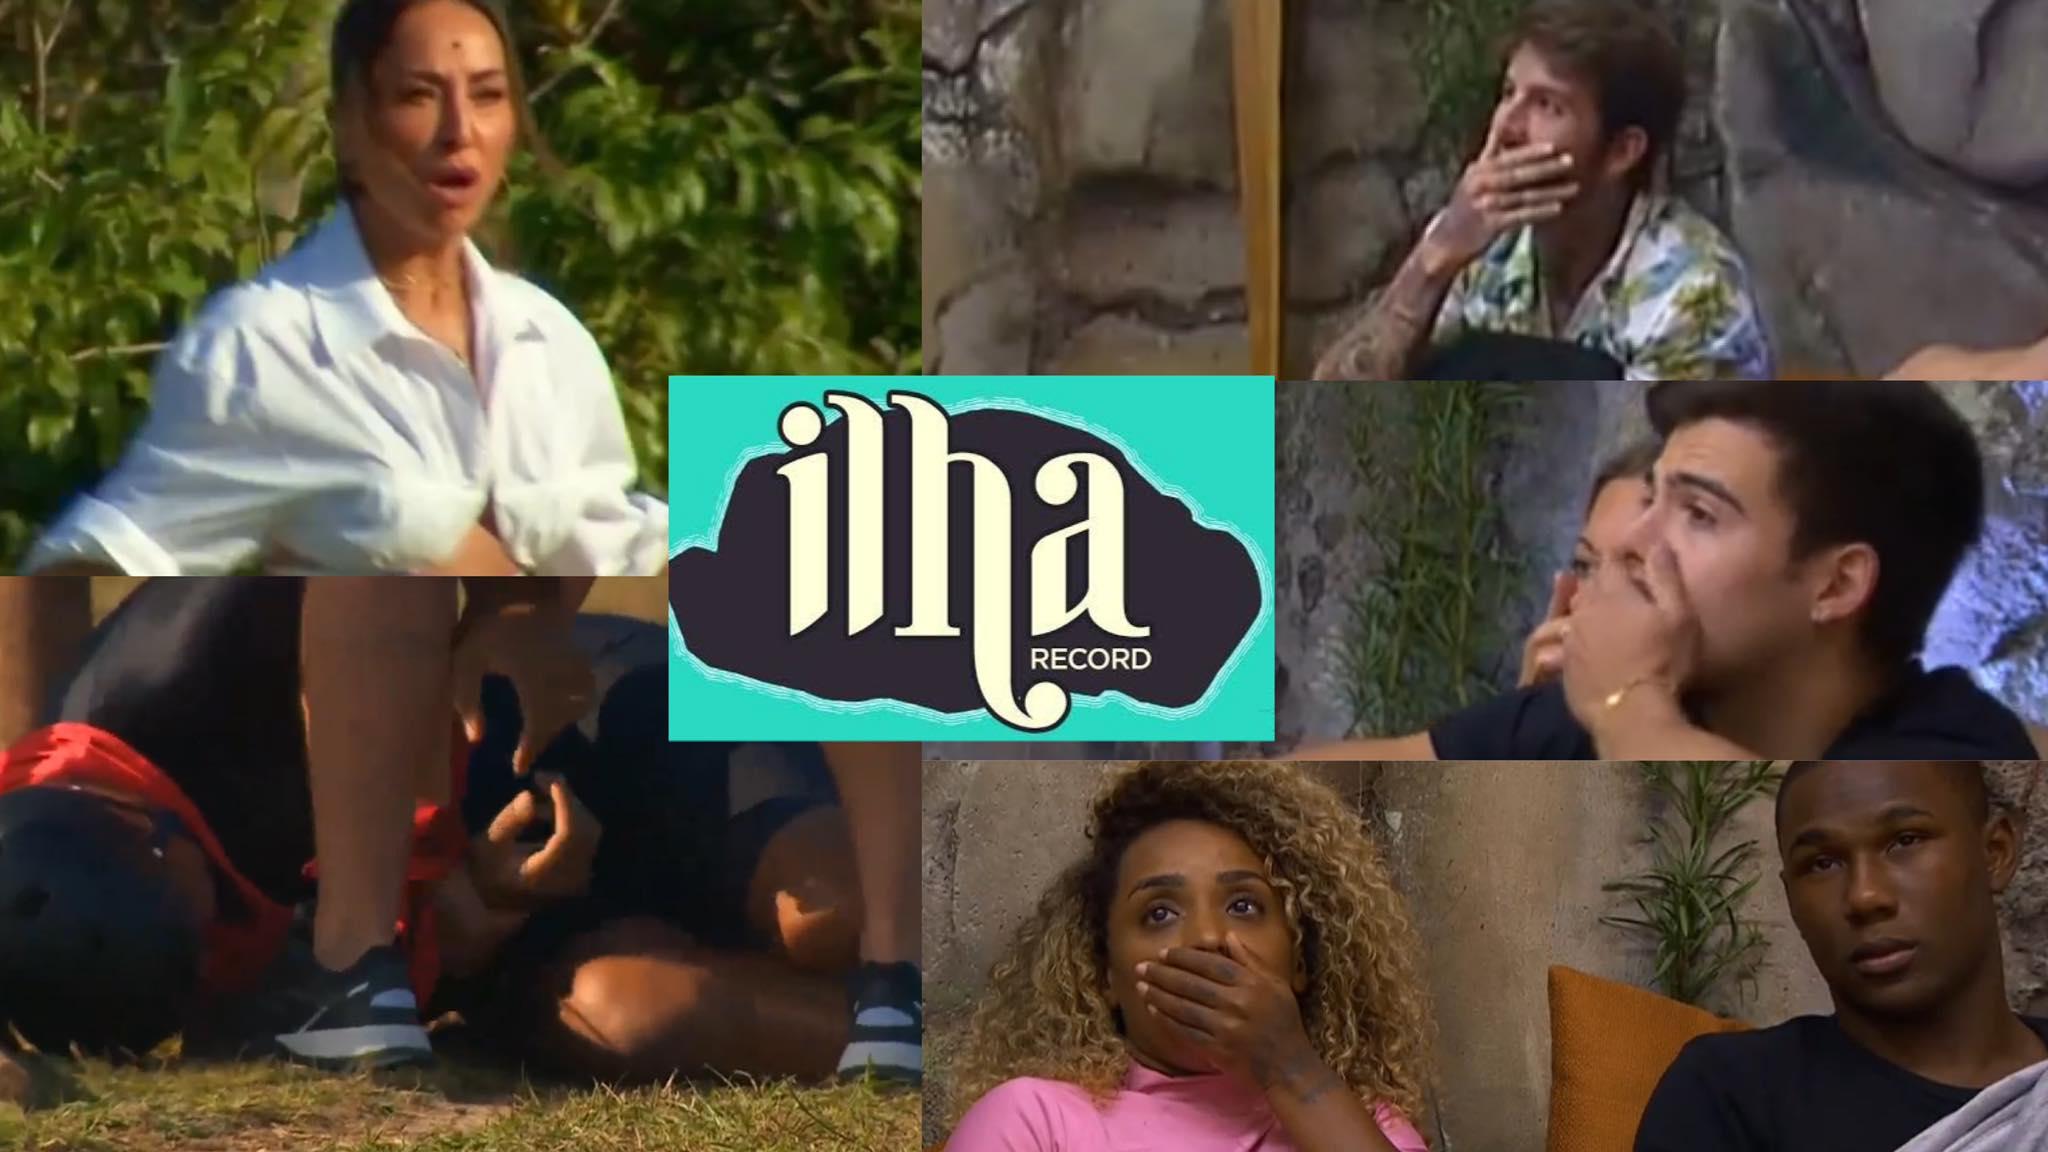 Acidente com Dinei marca episódio de segunda-feira, 30 do Ilha Record. Fonte: Reprodução